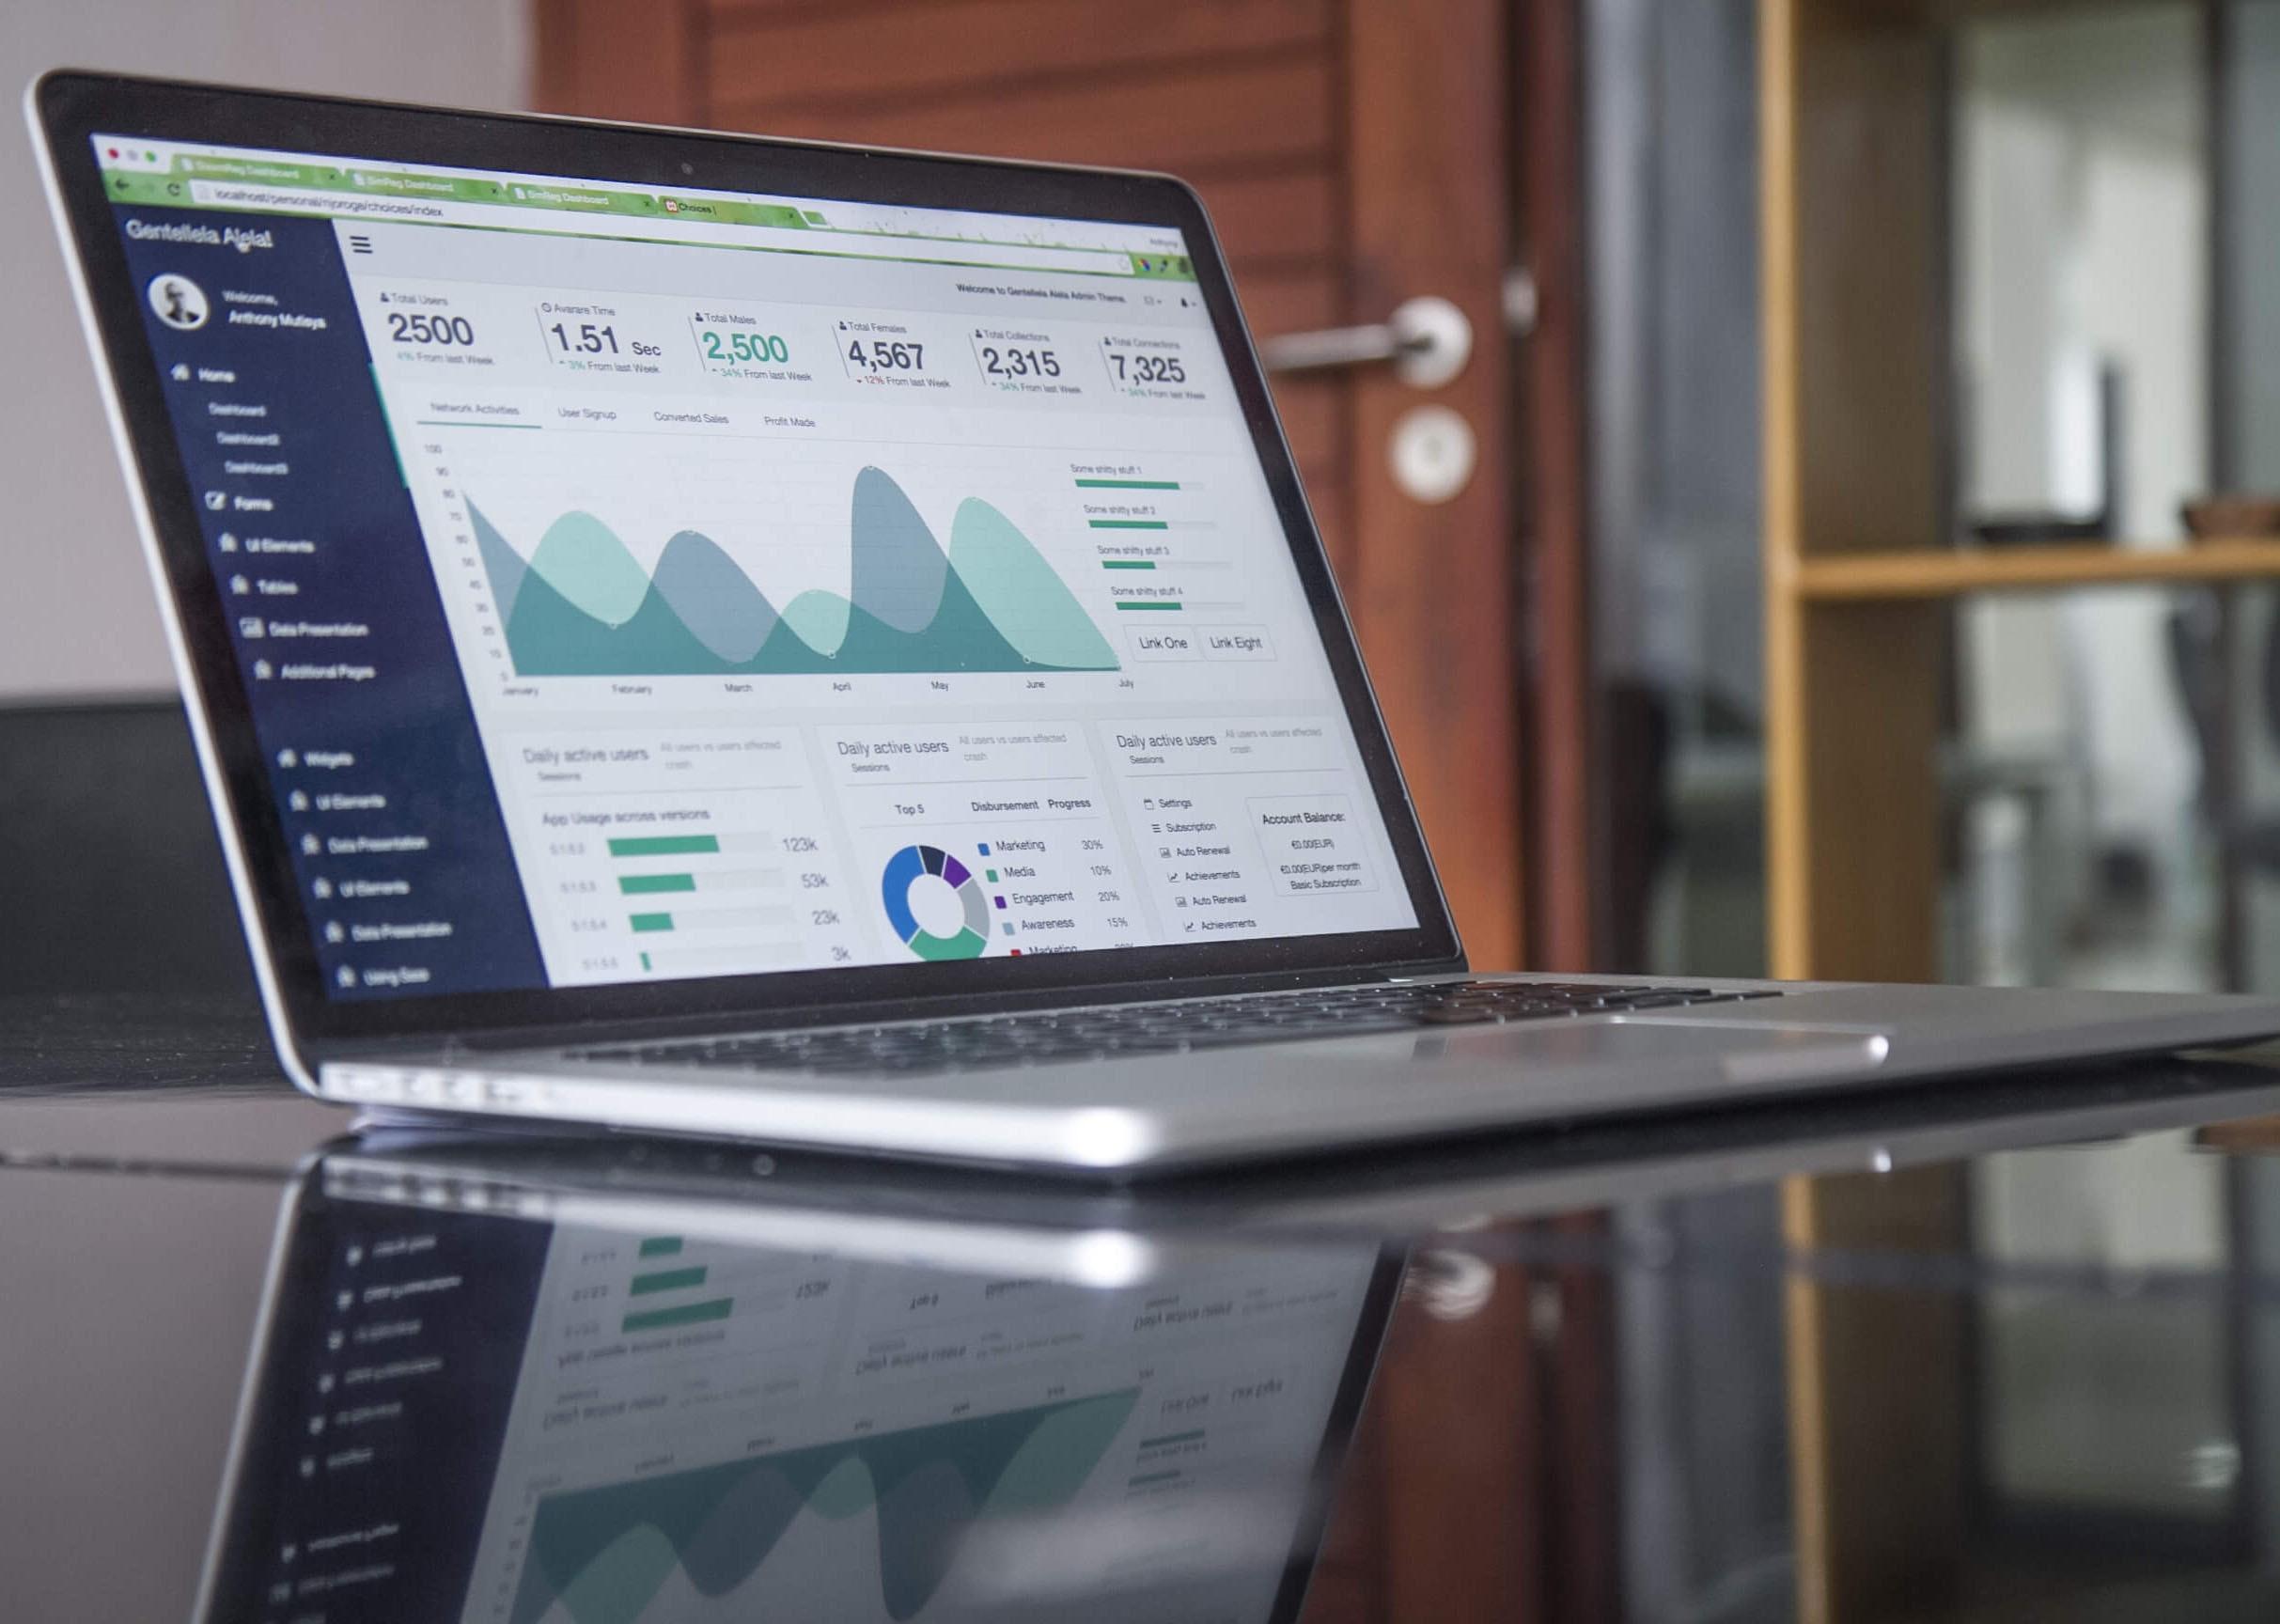 Funcionalidades recrutamento e seleção: o que um bom software deve ter